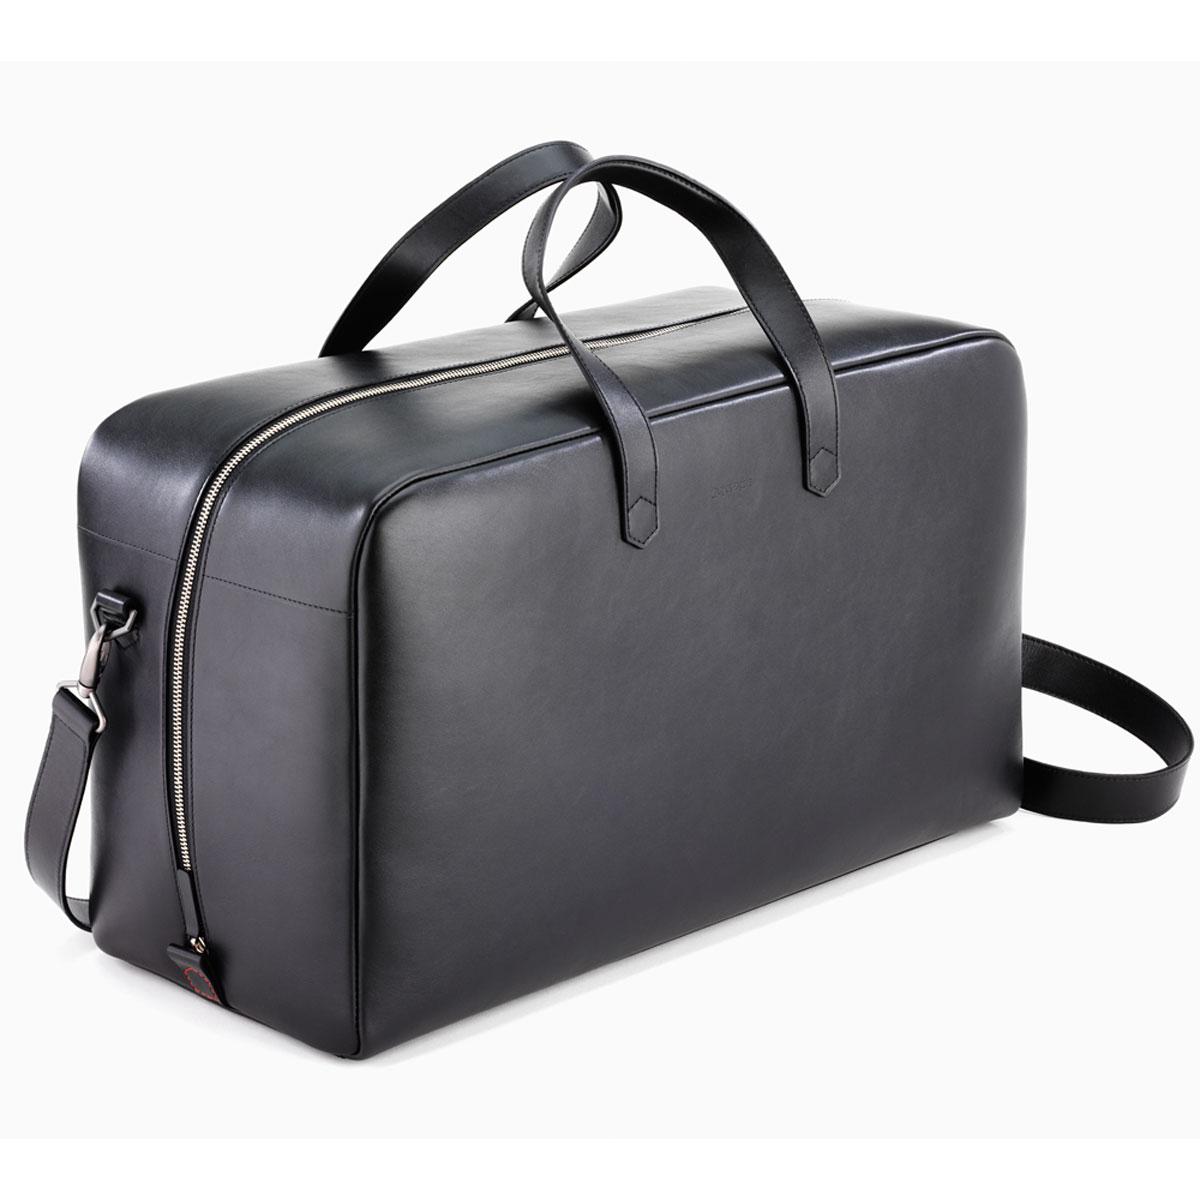 photos officielles c947c 78c5d Caran d'Ache Cuir Black Leather Weekend Travel Bag